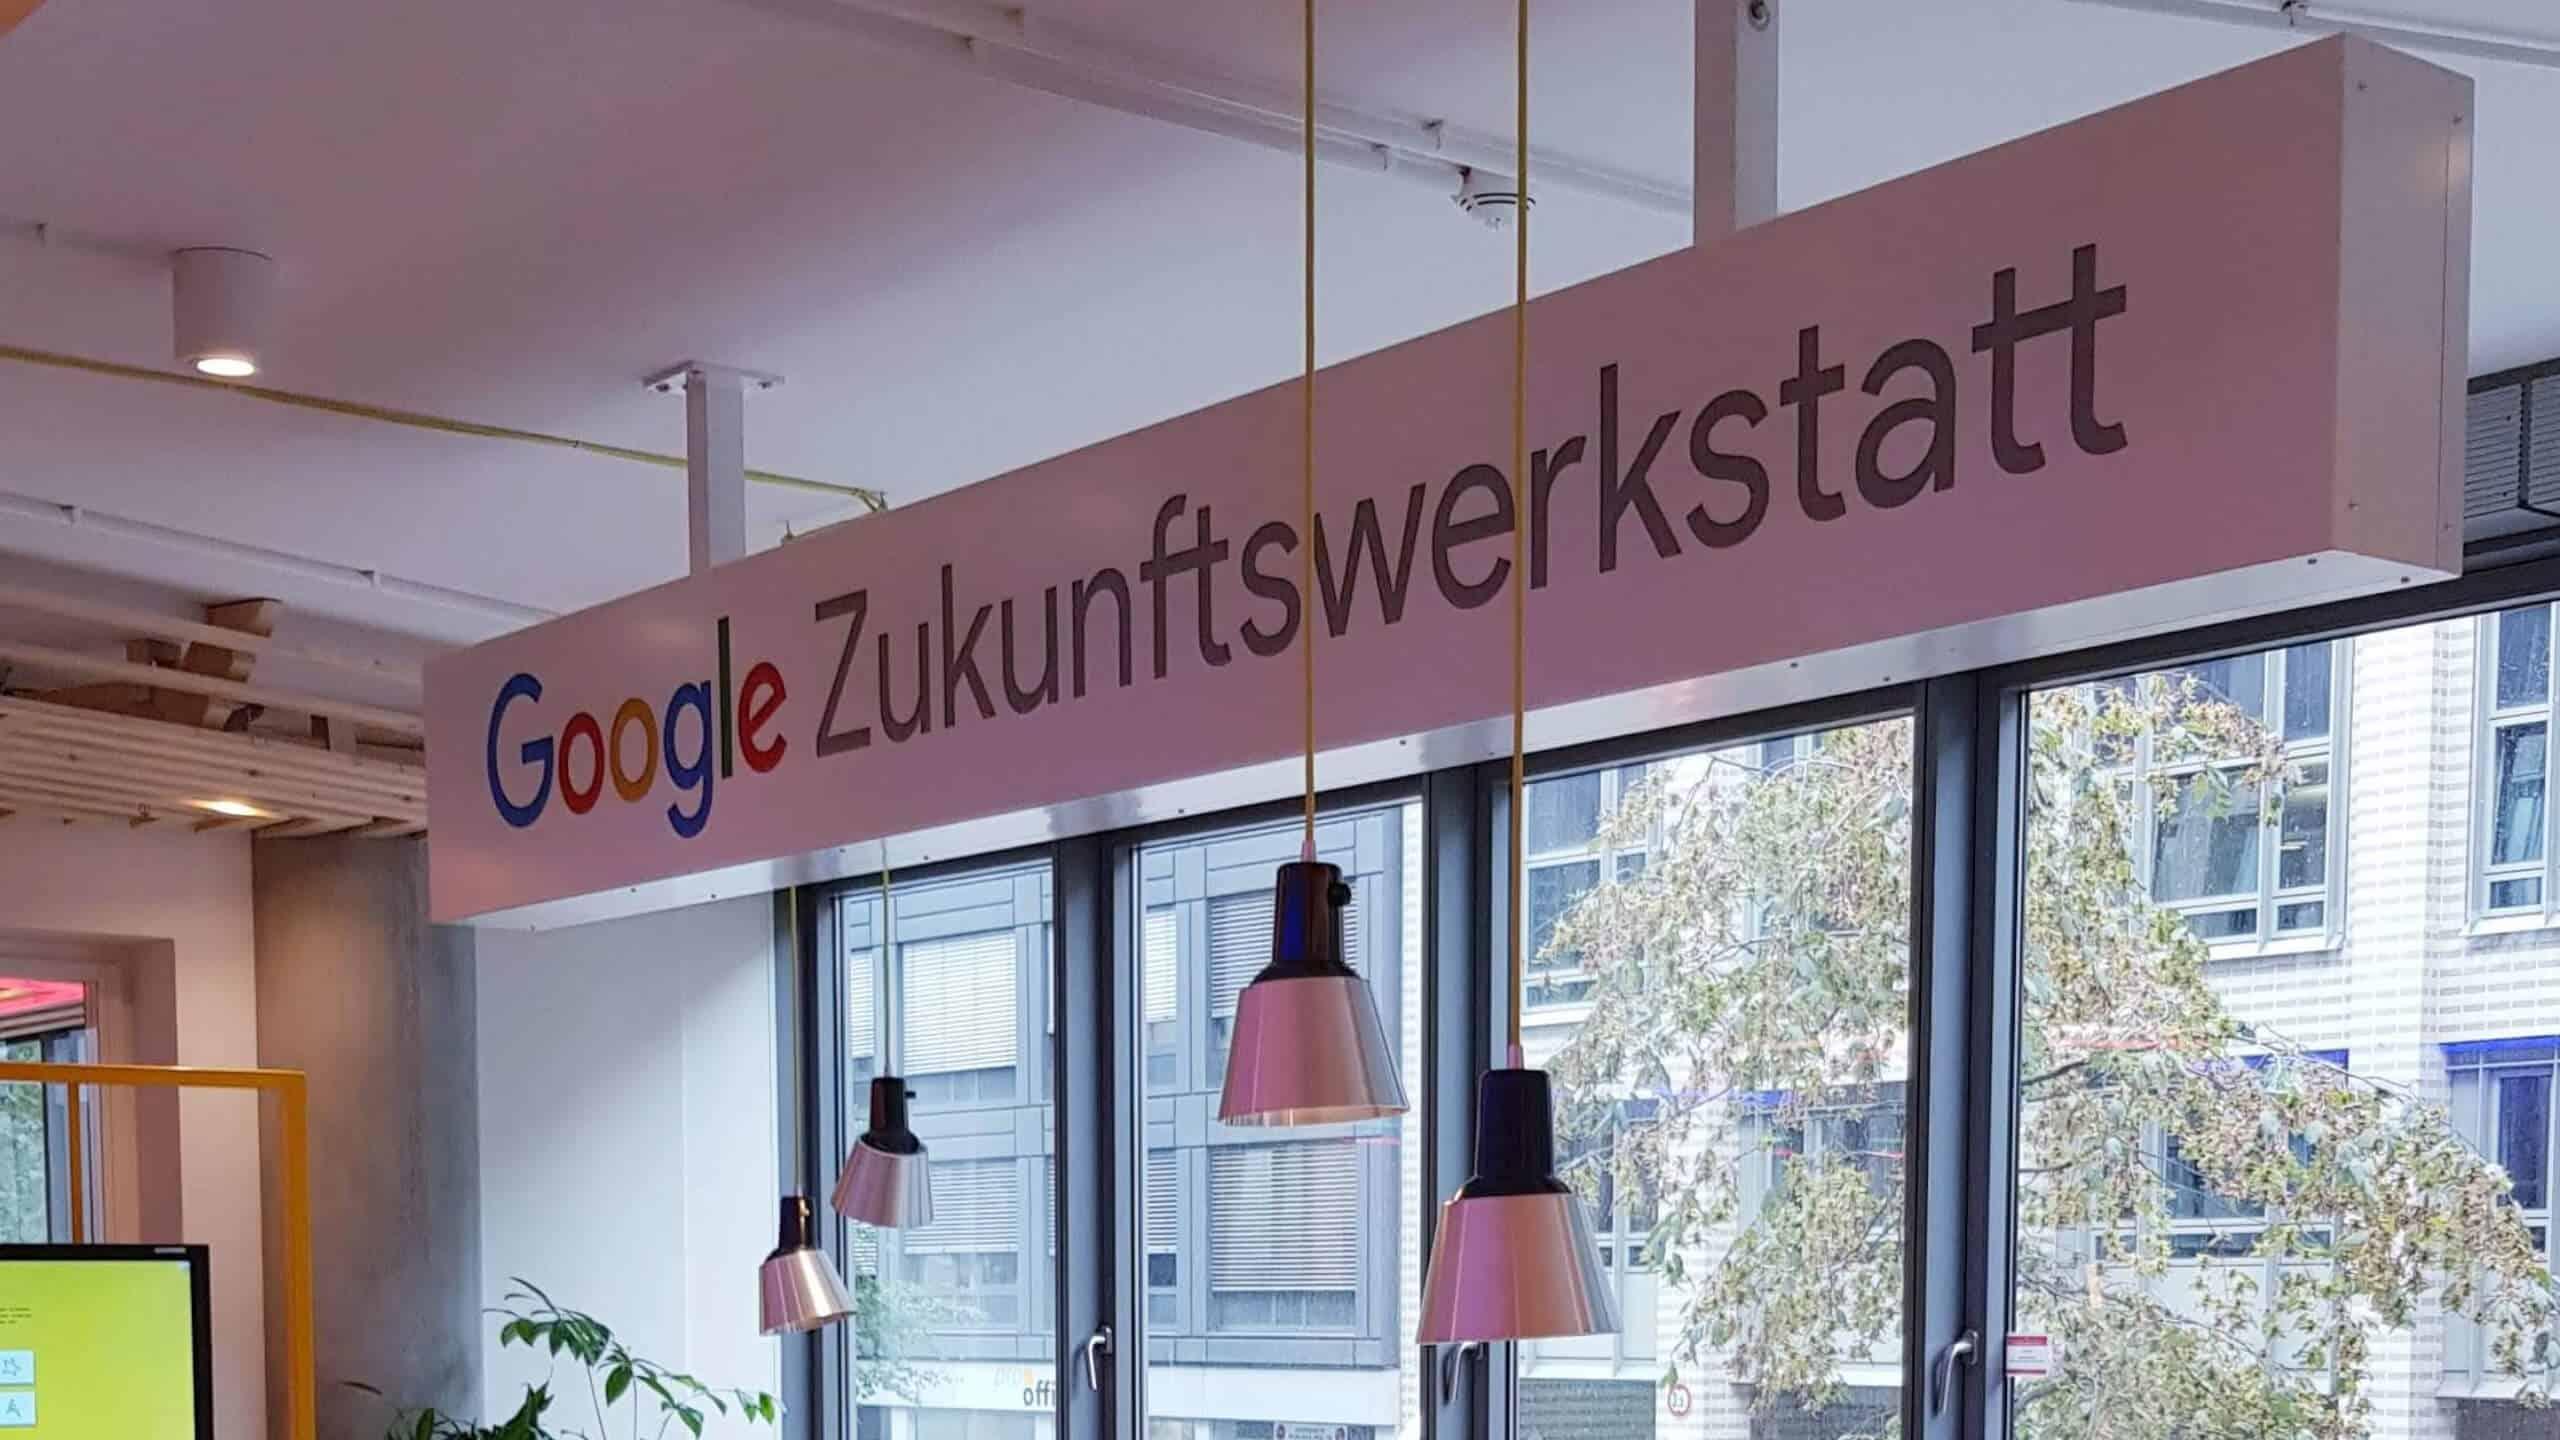 Google Zukunftswerkstatt Hamburg